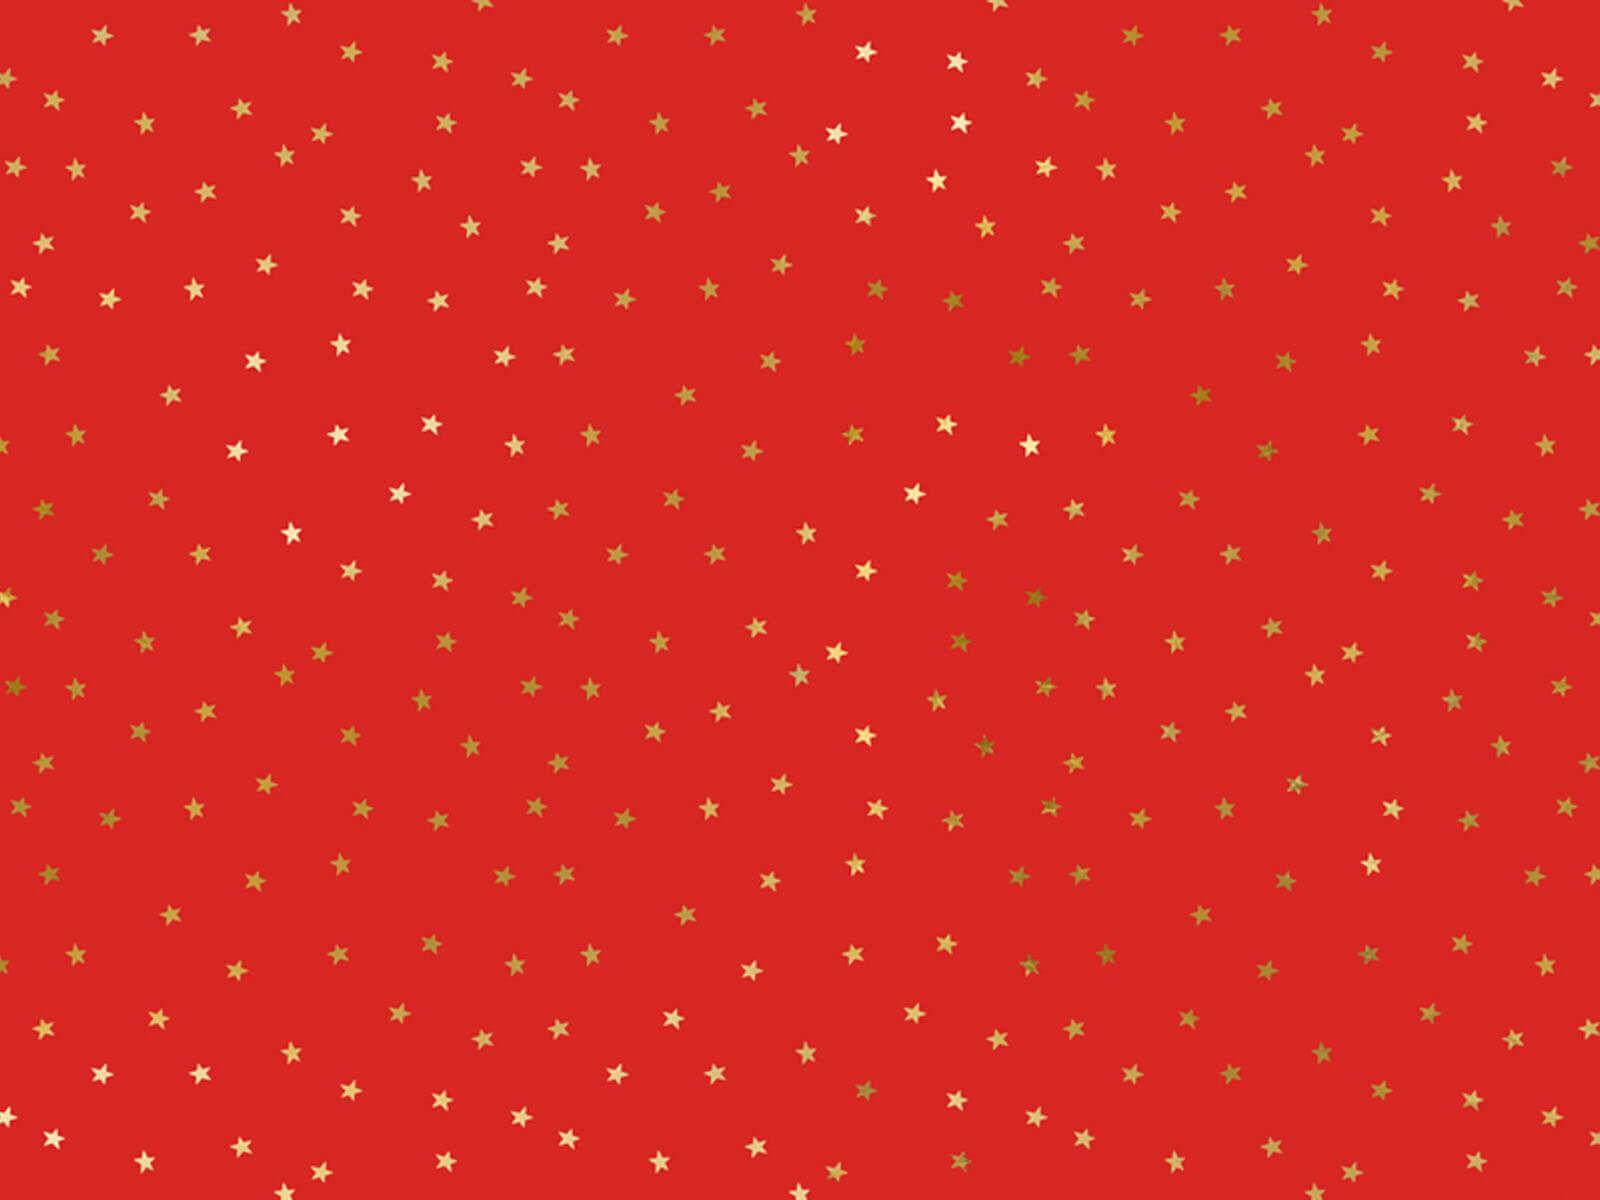 Papier do pakowania prezentów Gwiazdki - 70 x 200 cm - 1 szt.